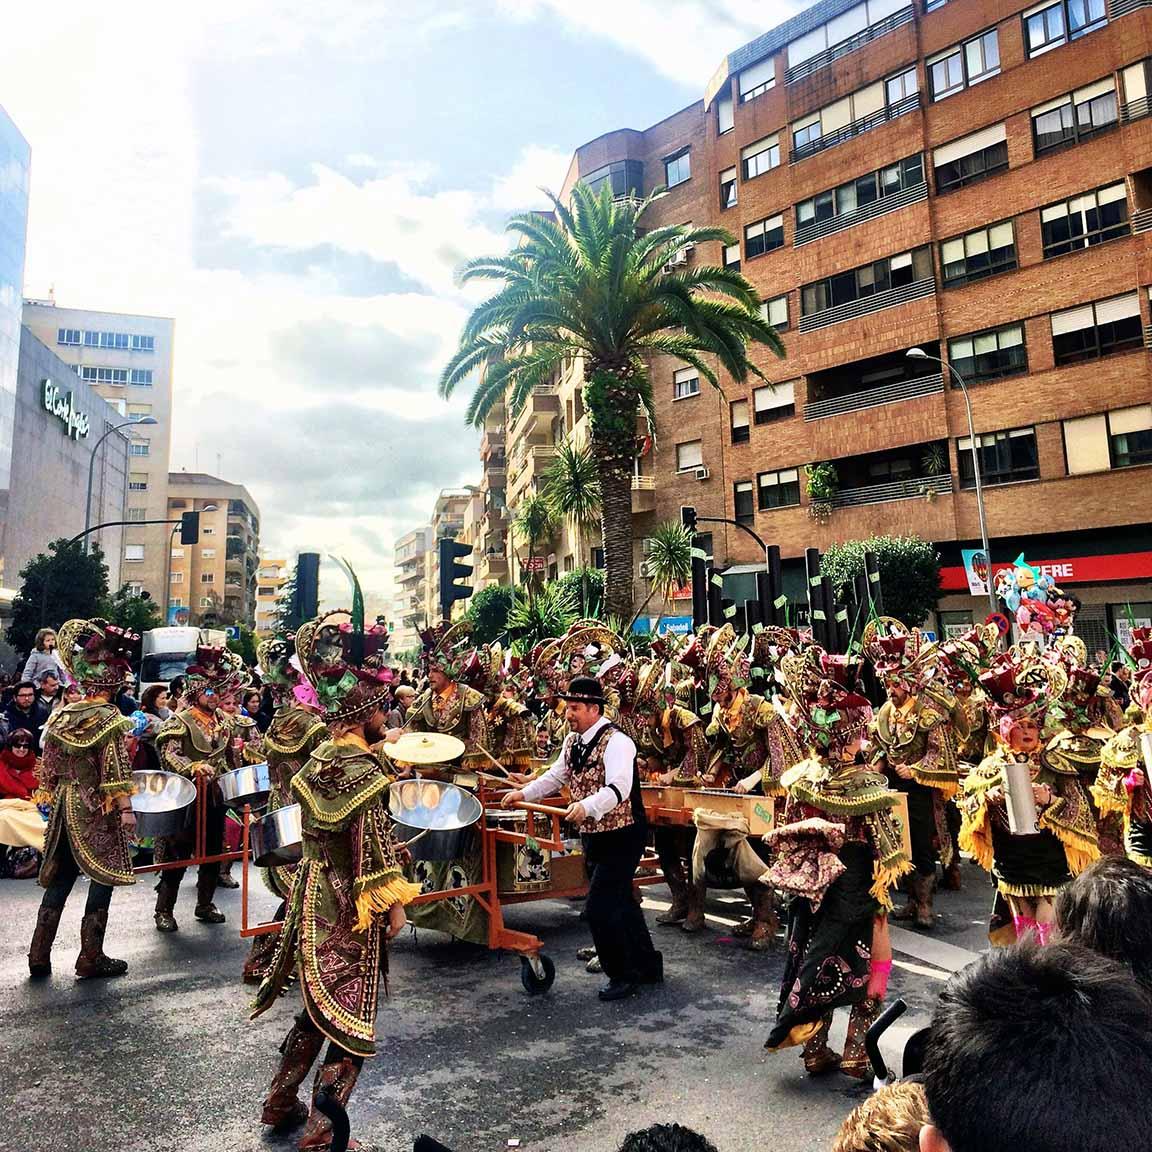 carnaval weekend badajoz la Universidad de extremadura